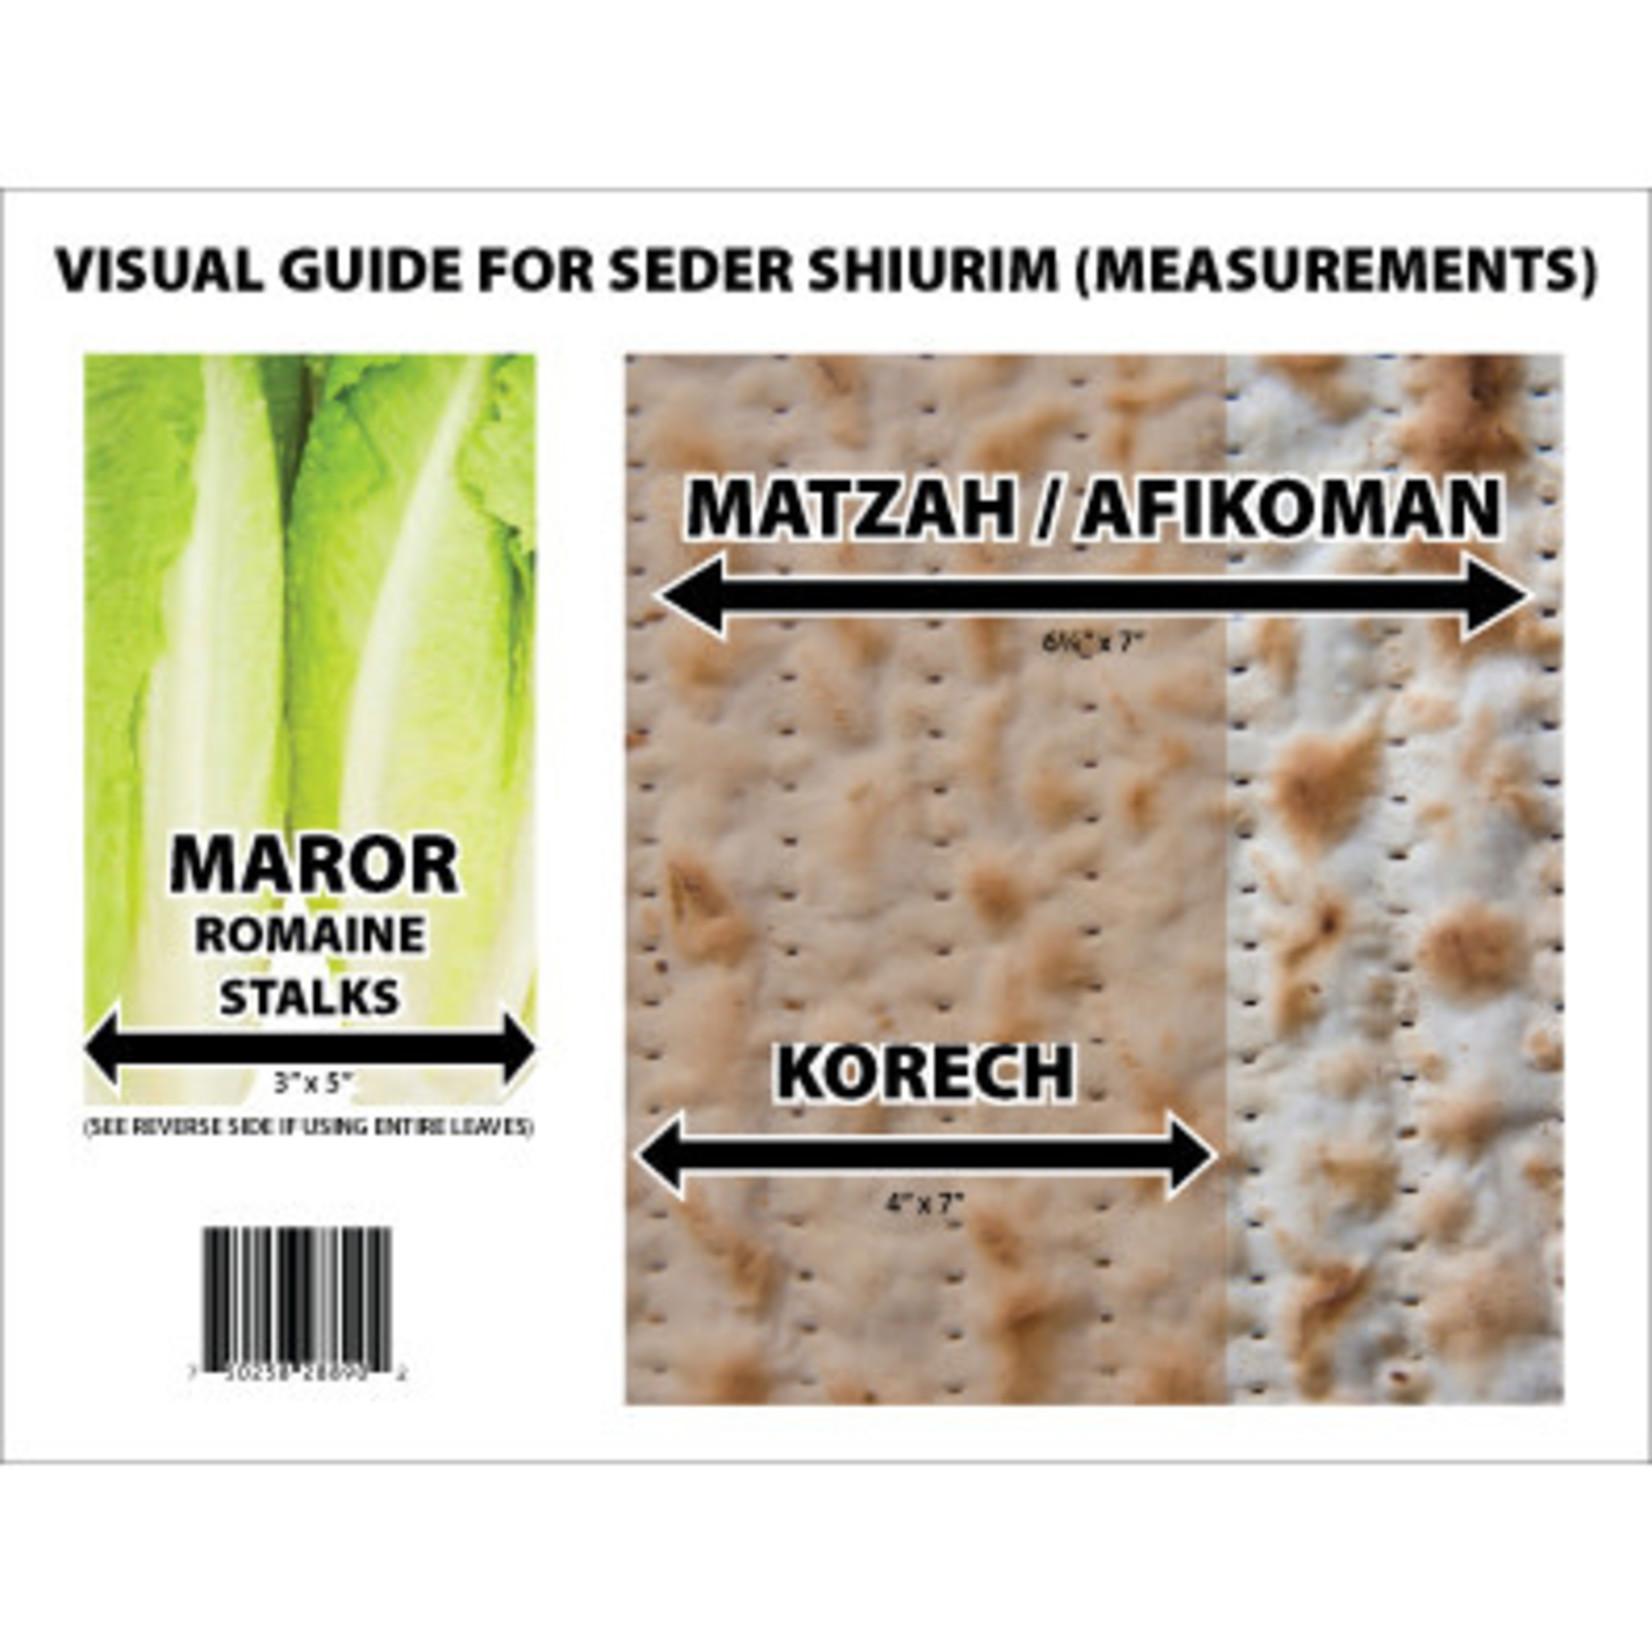 Seder Shiur Visual Guide, Full Colour